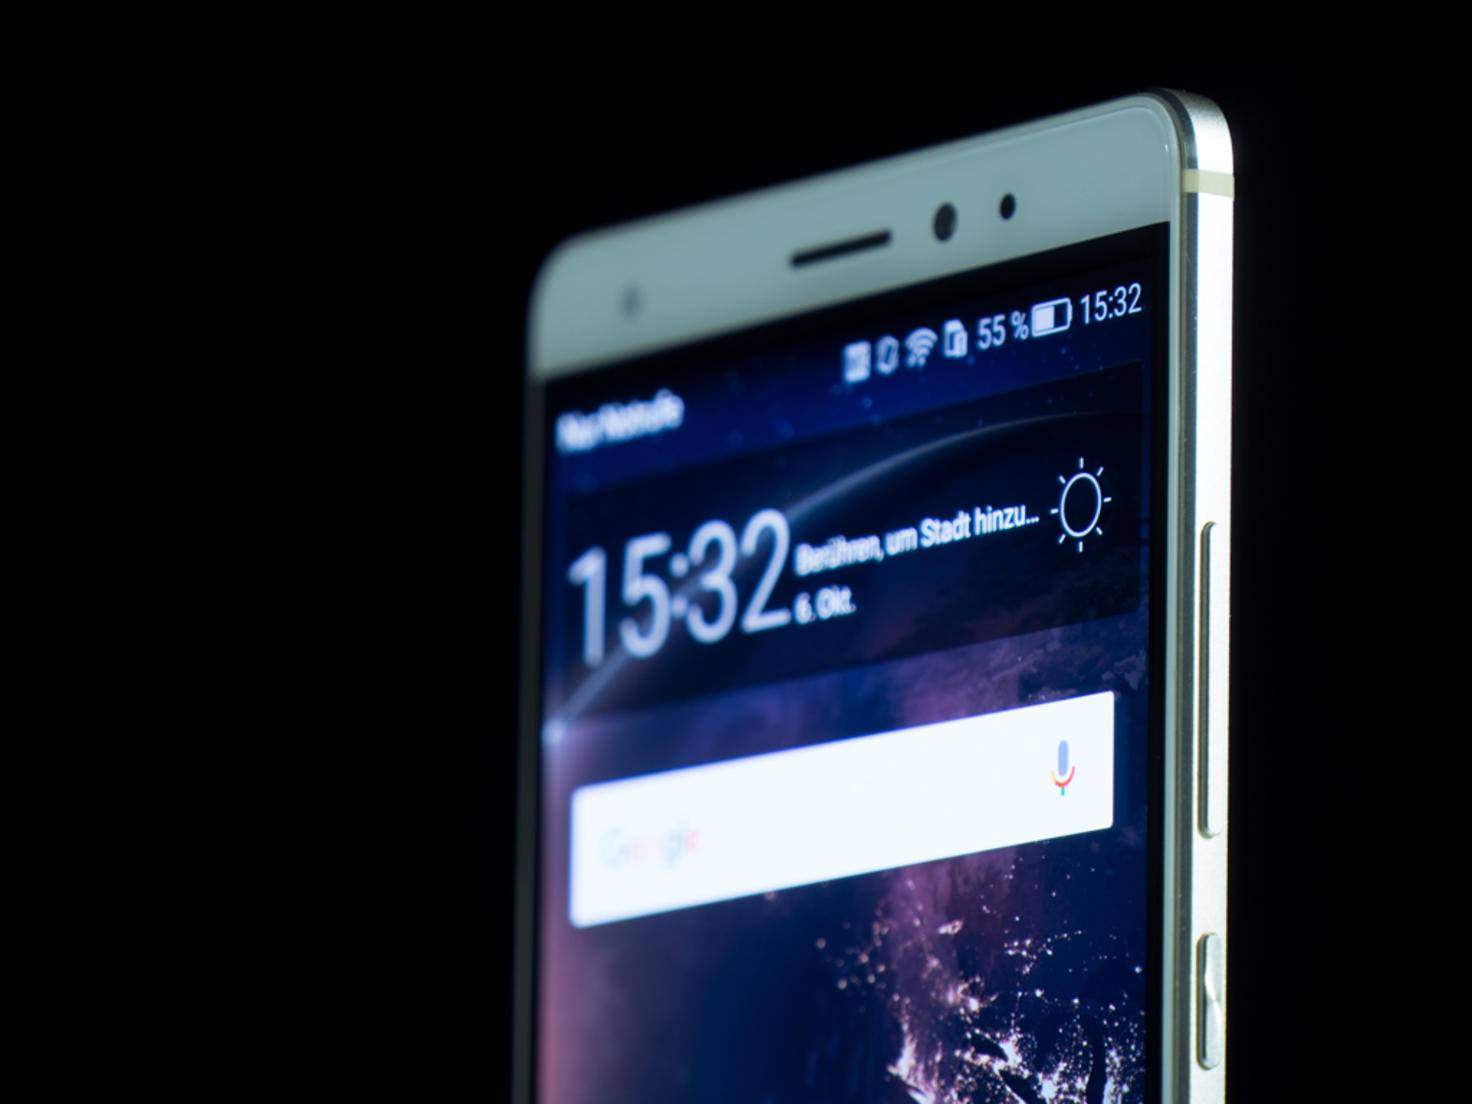 Das Huawei Mate S macht optisch einiges her.